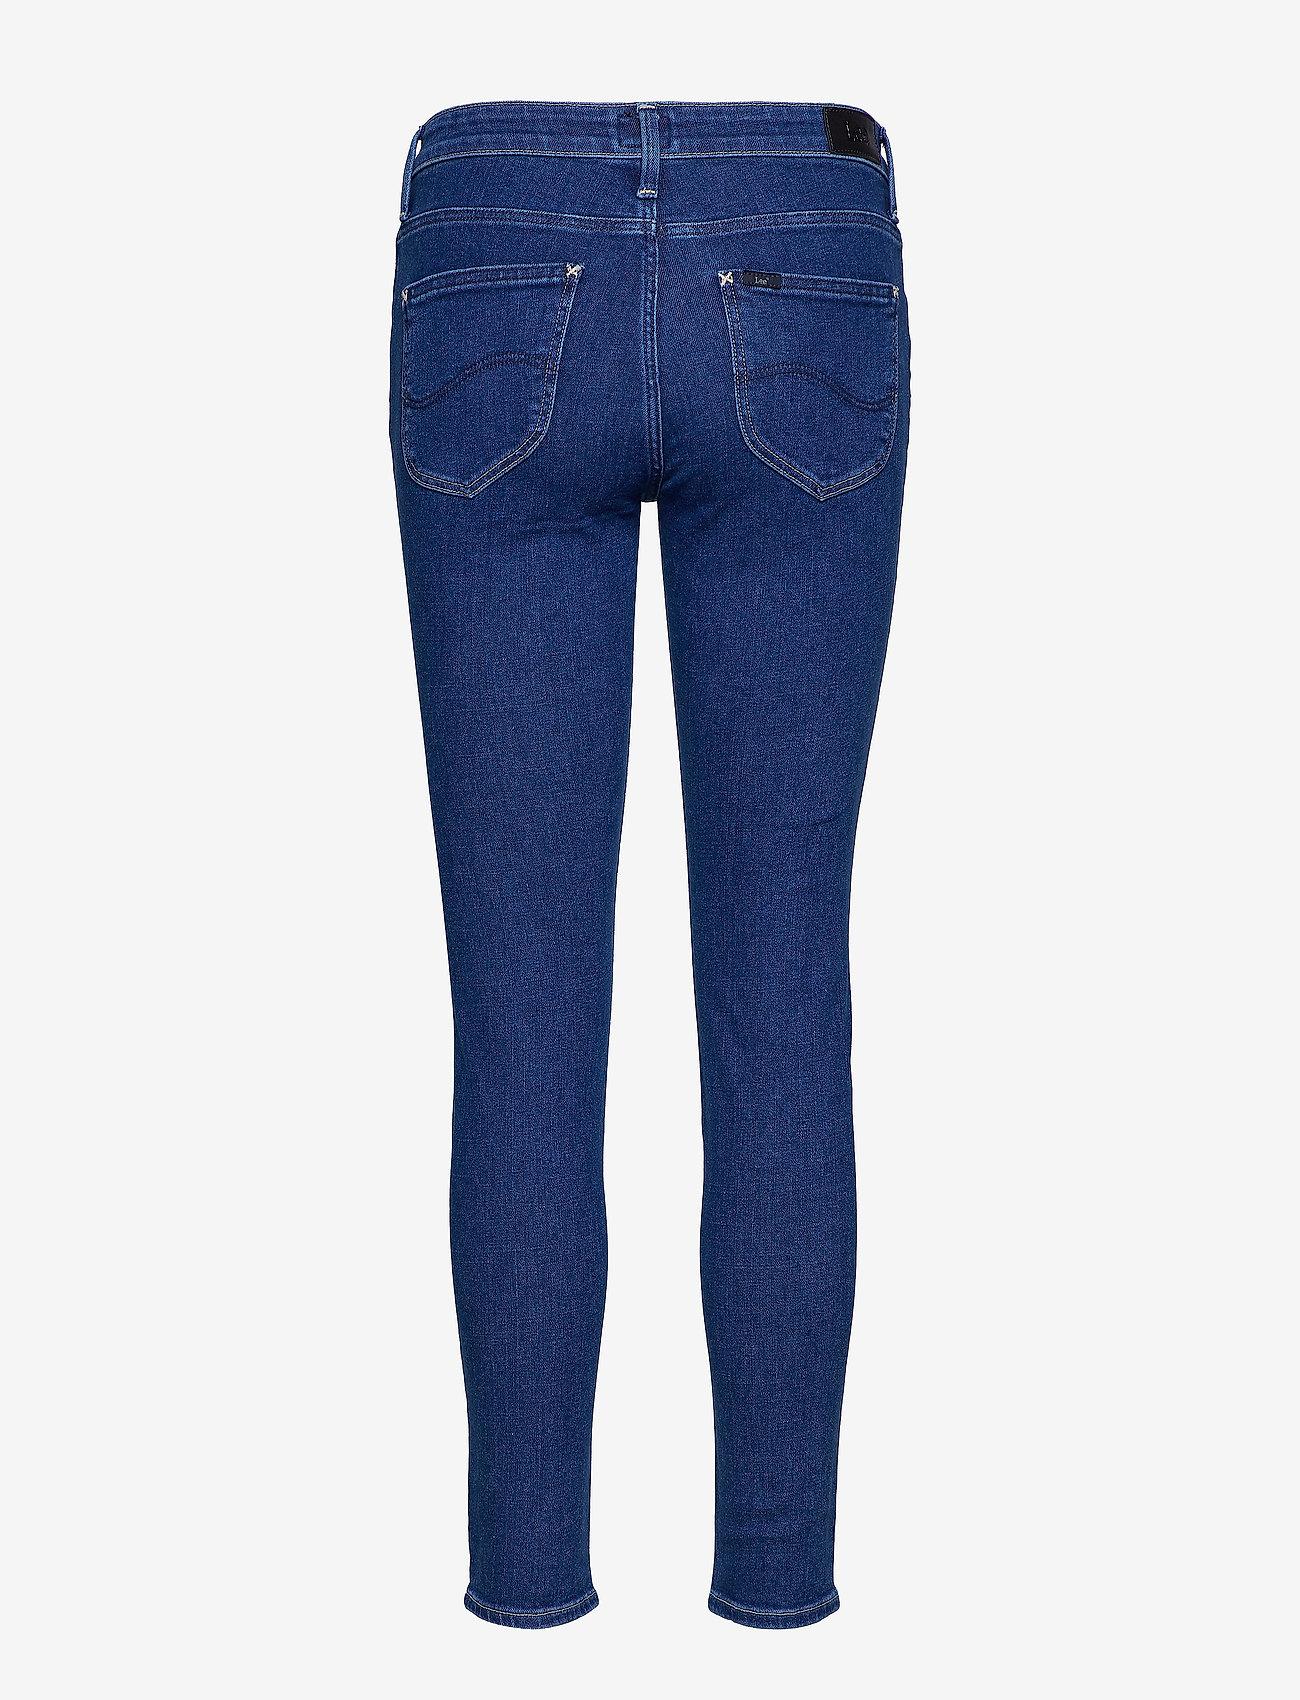 Scarlett (Blue Black) - Lee Jeans wo81CT